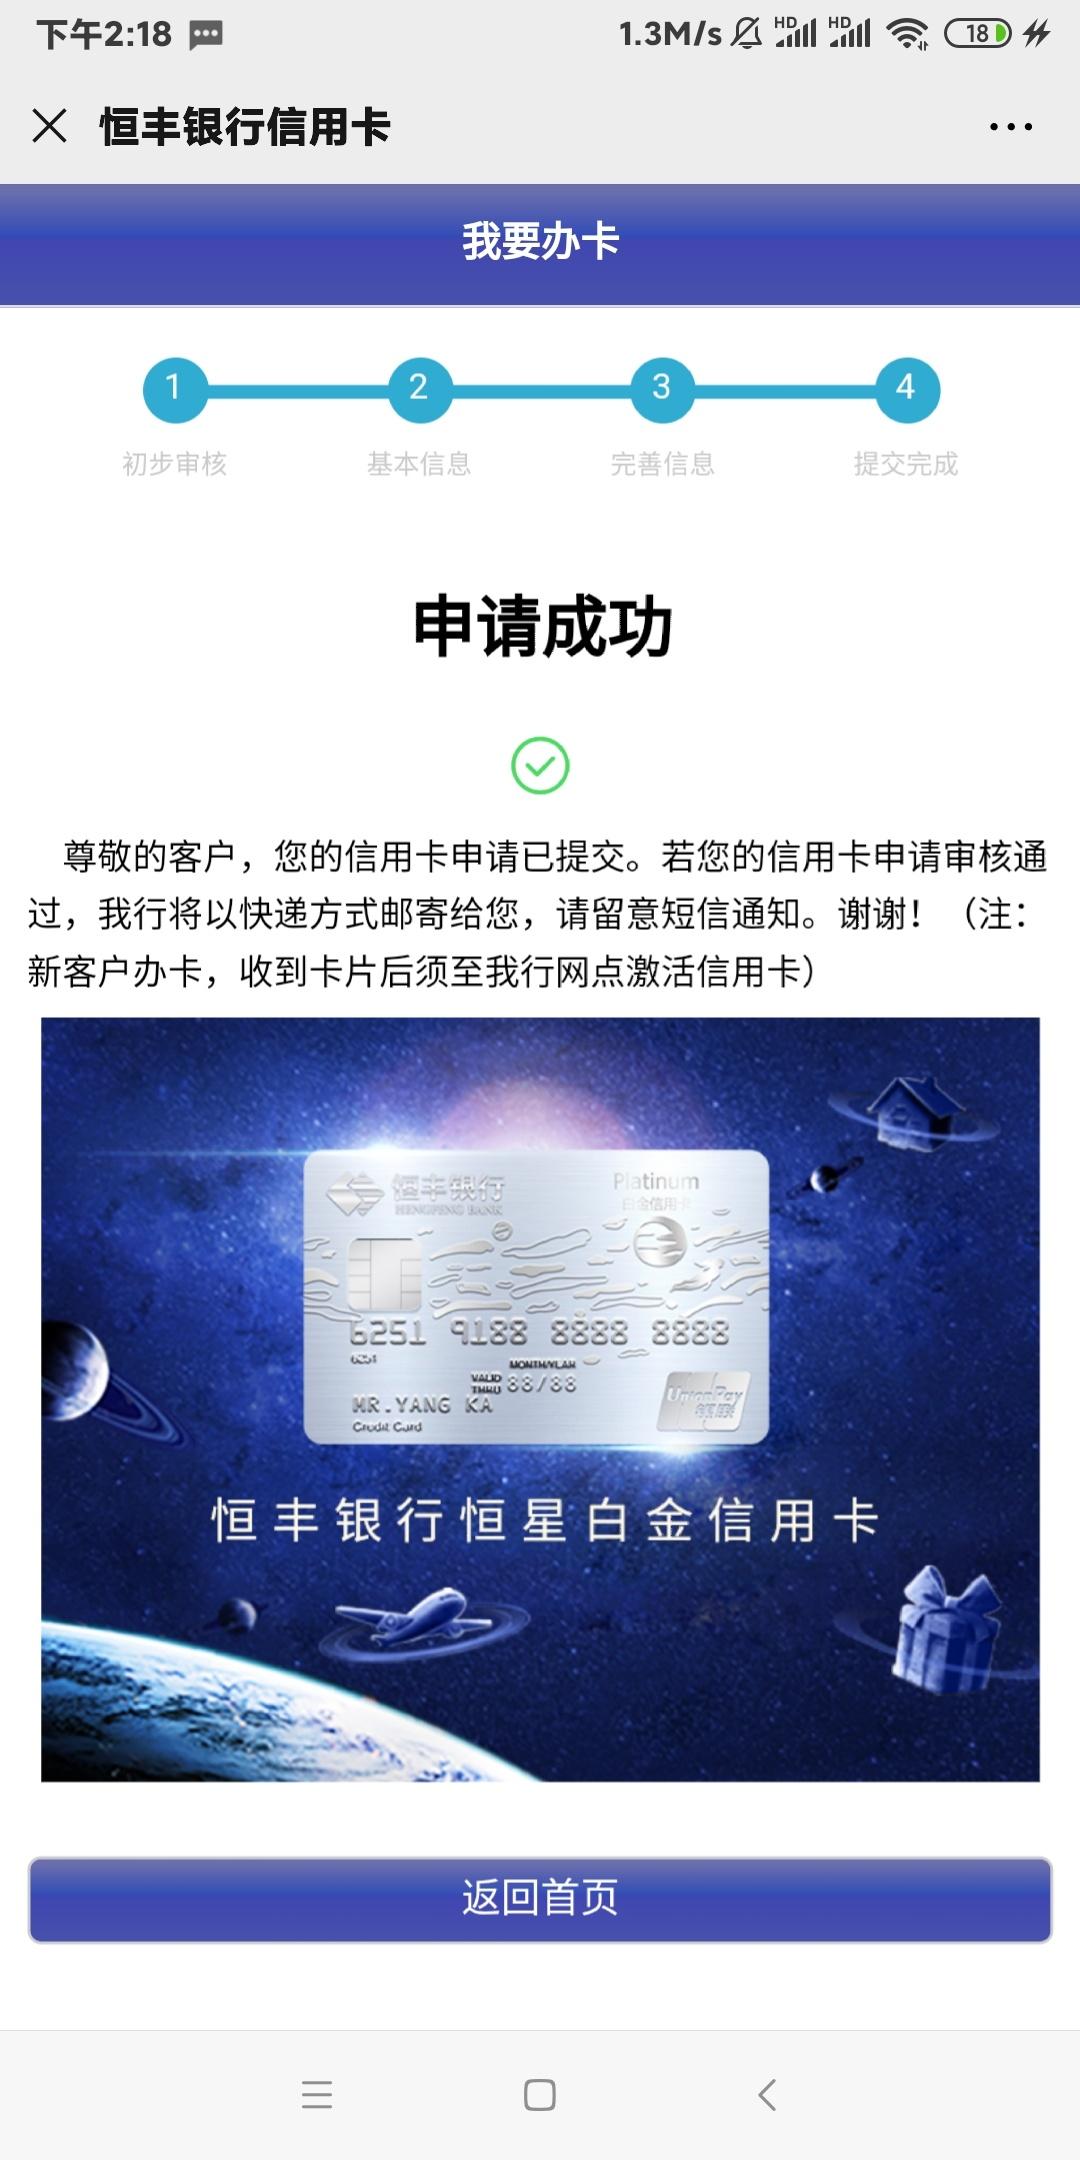 恒丰金融分期信用卡能在公众号申请了,我前段时间京...3 / 作者:咚巴拉卡 /